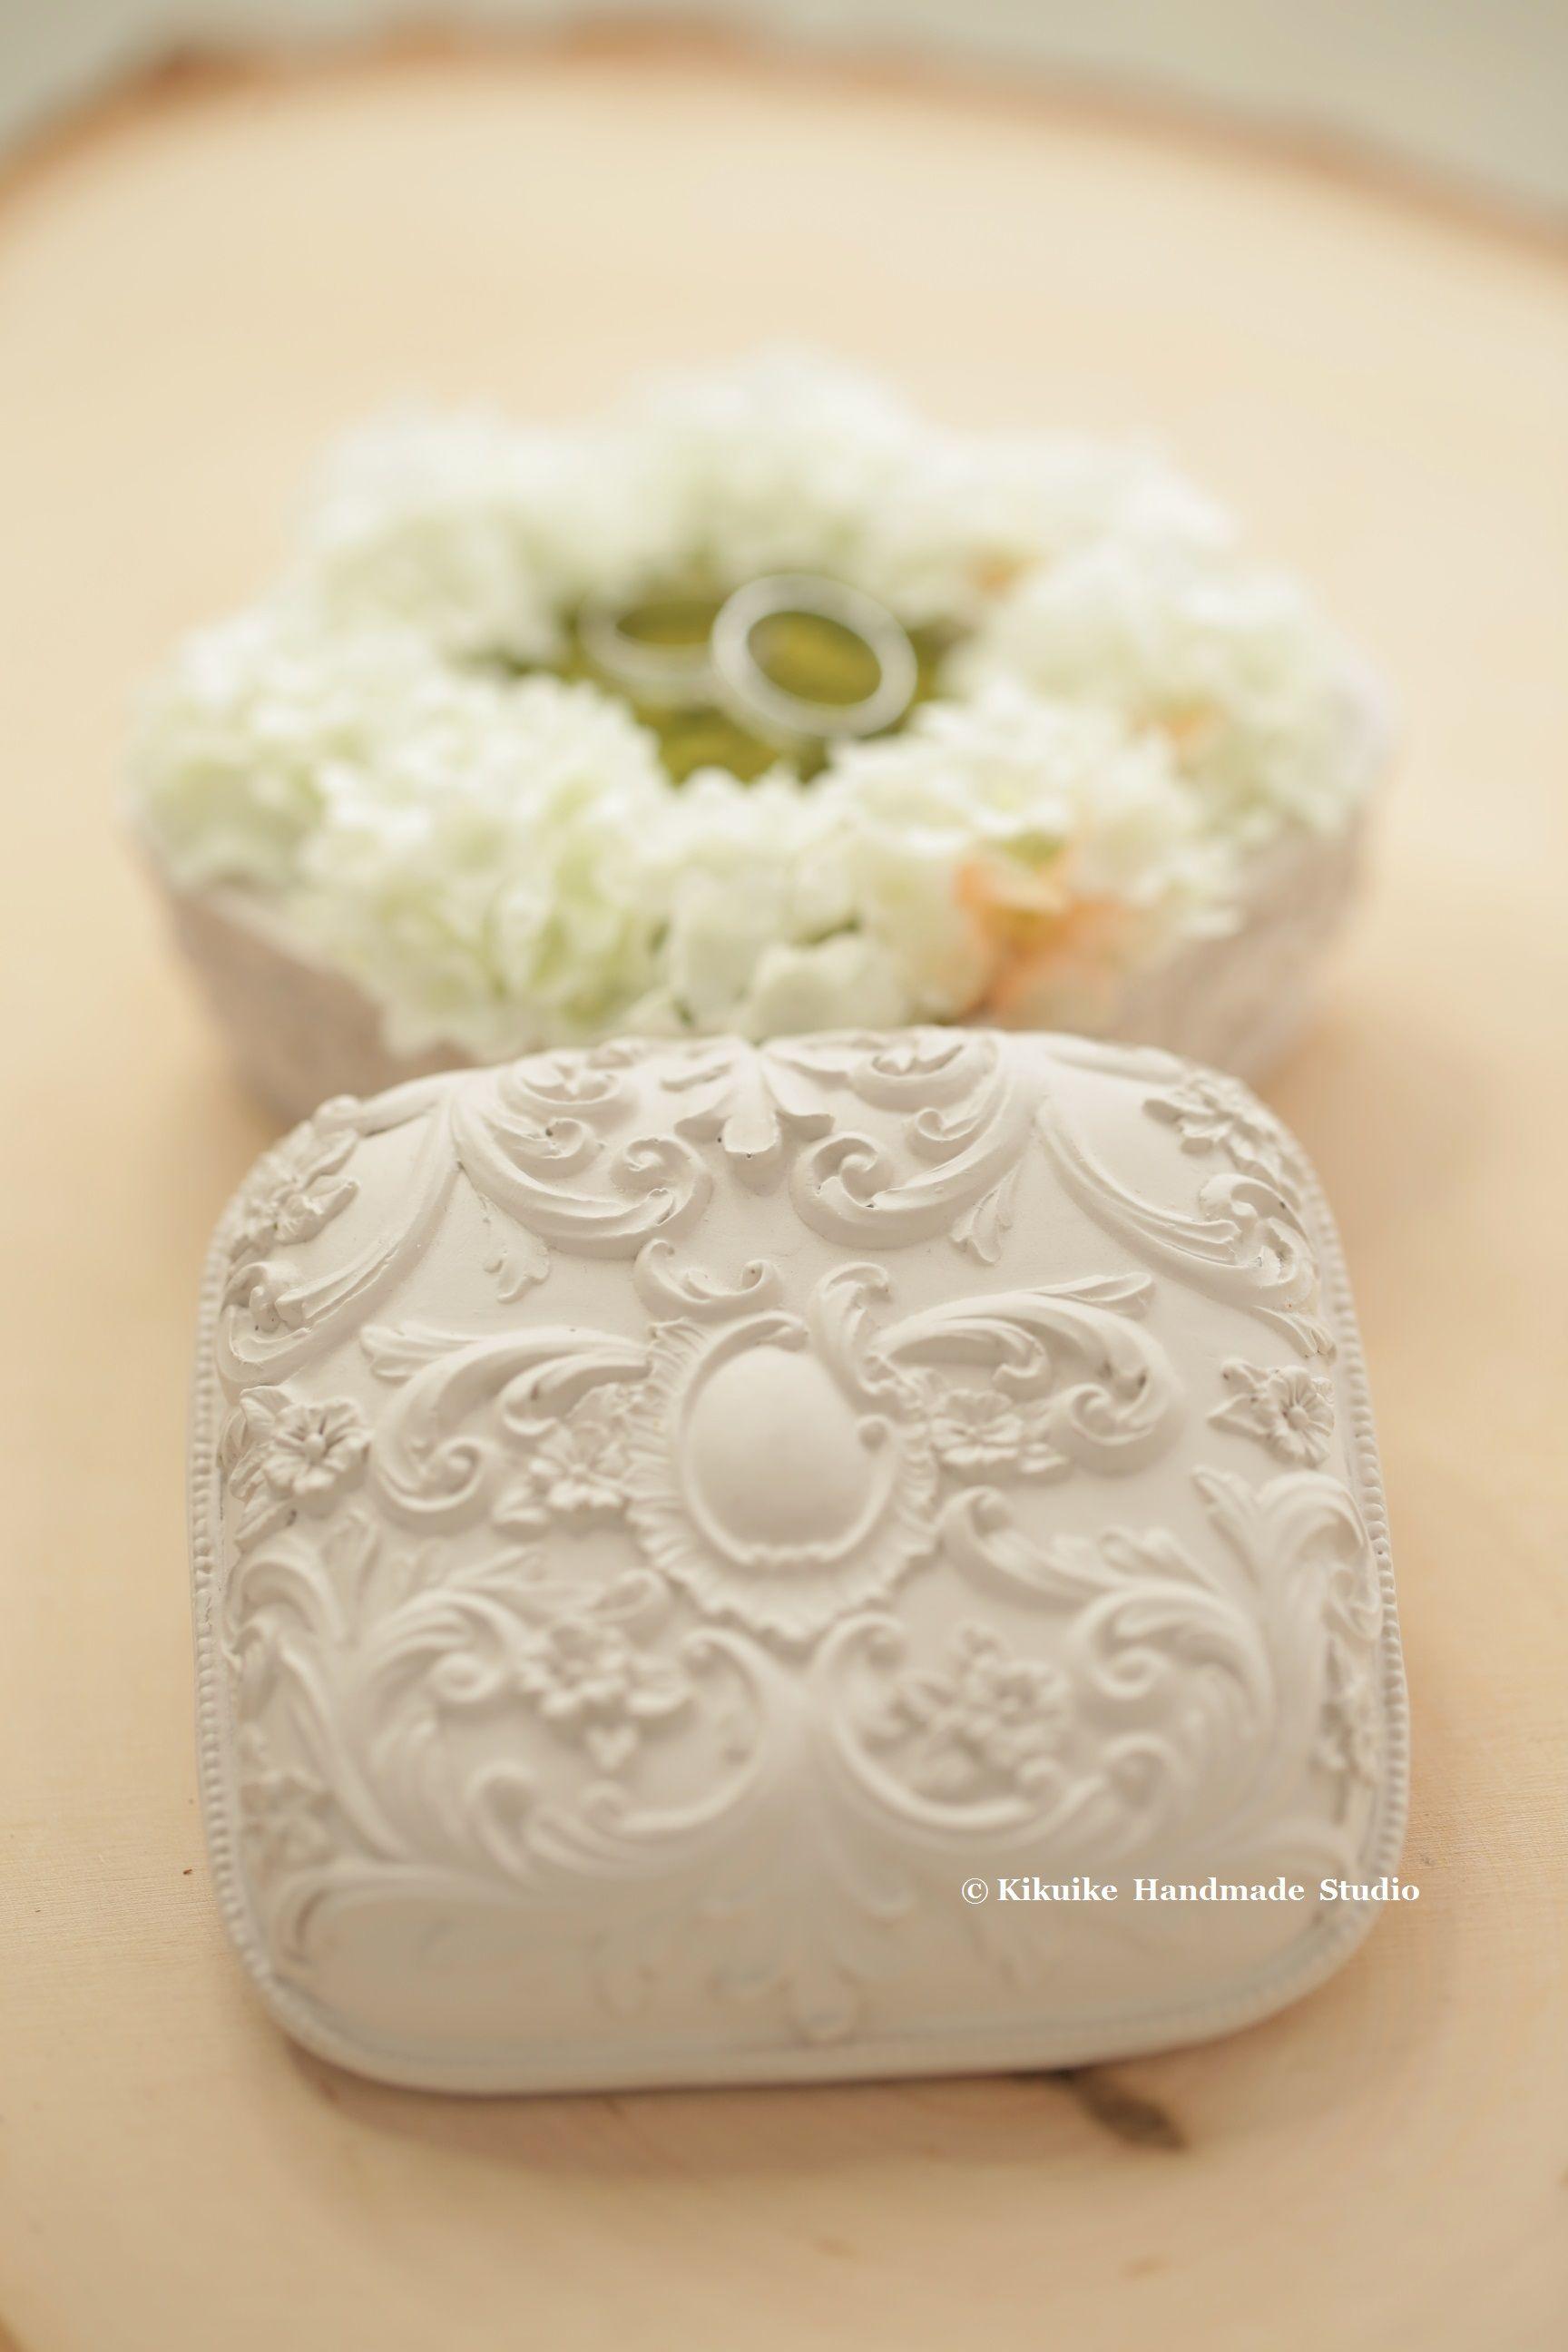 flower ring box wedding Ring Box clay ring box Ring Holder